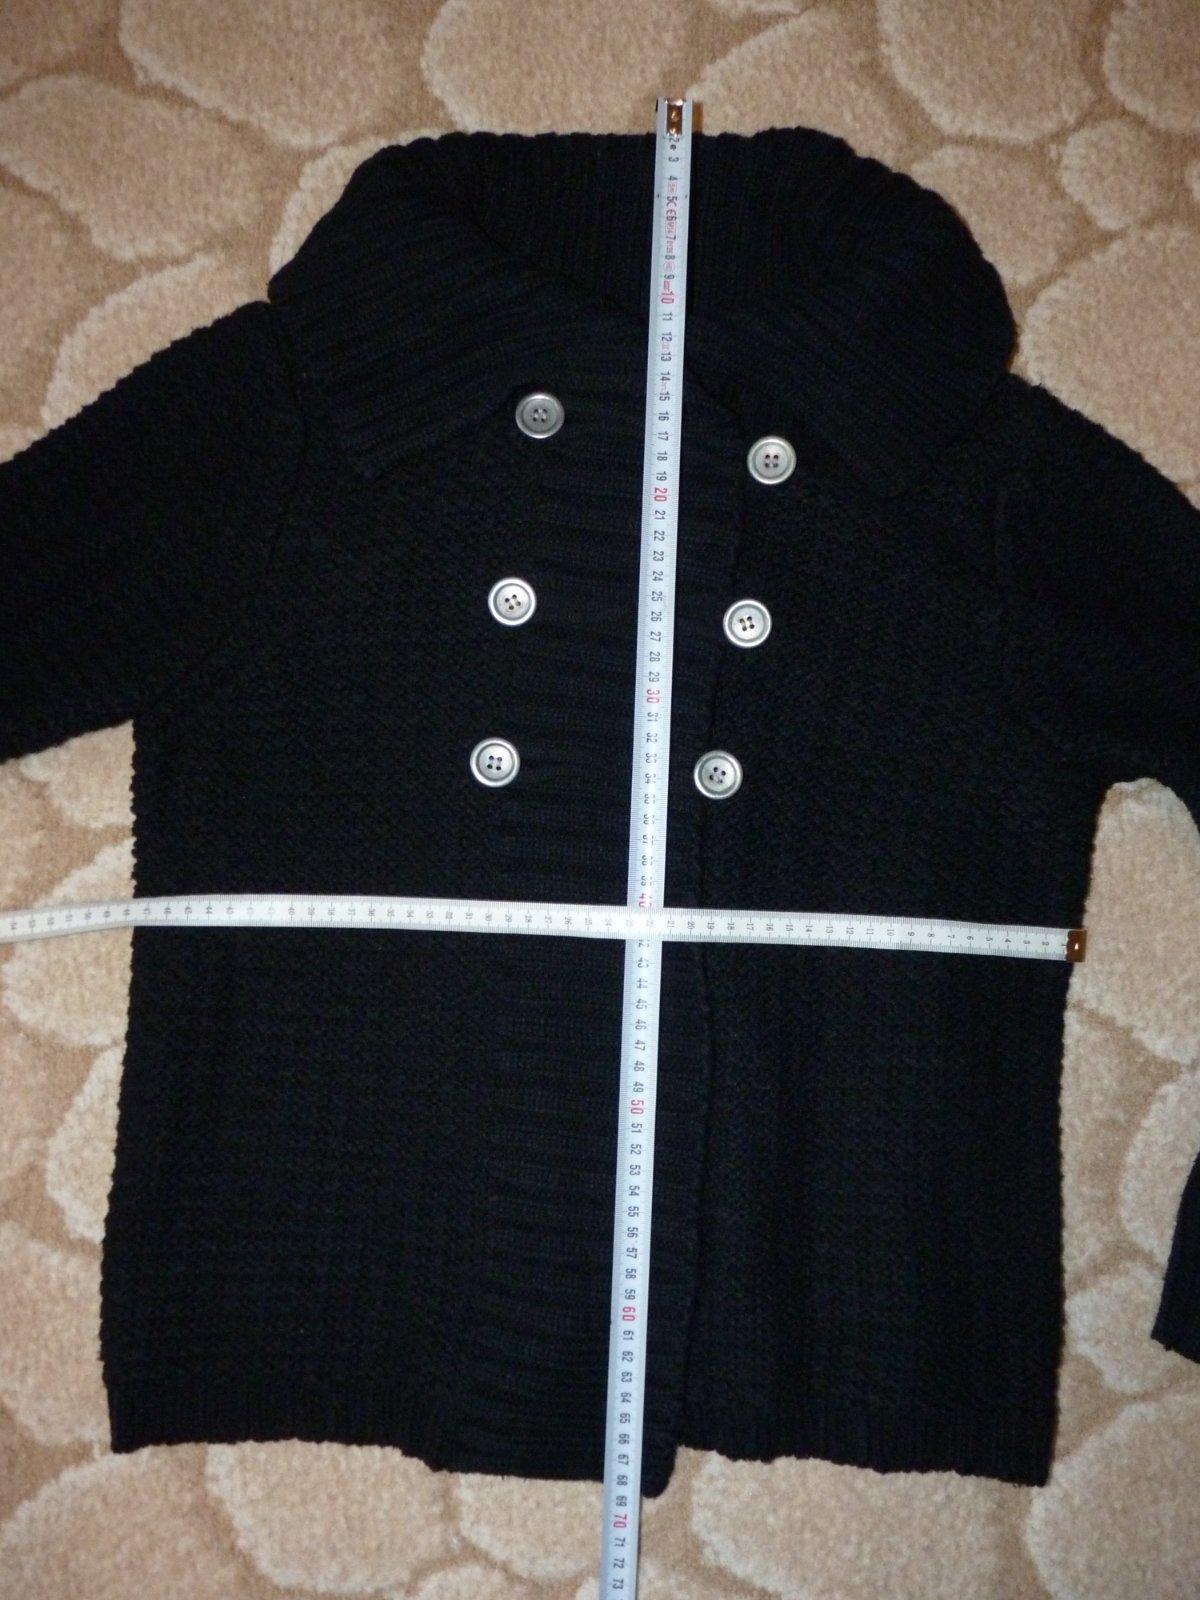 7eaccc0e8a1 Přeji příjemný nákup  -) Dámský svetr george ...